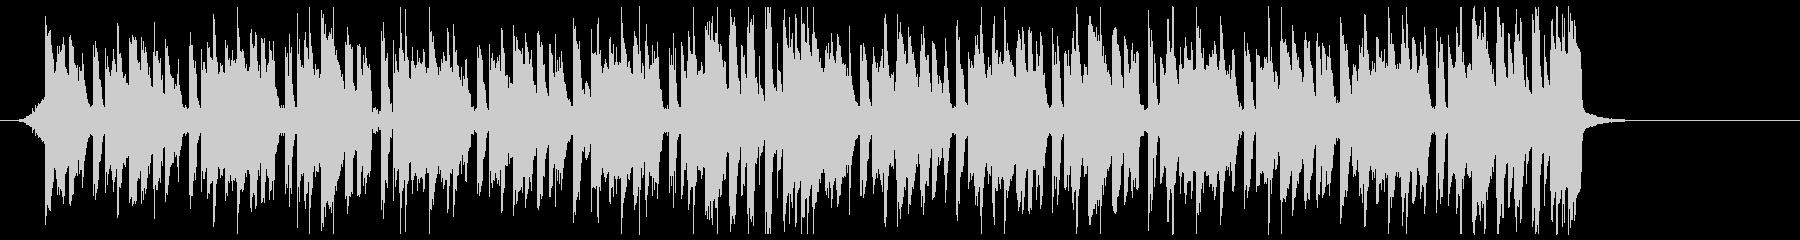 K-POP、EDM、ディスコ cの未再生の波形